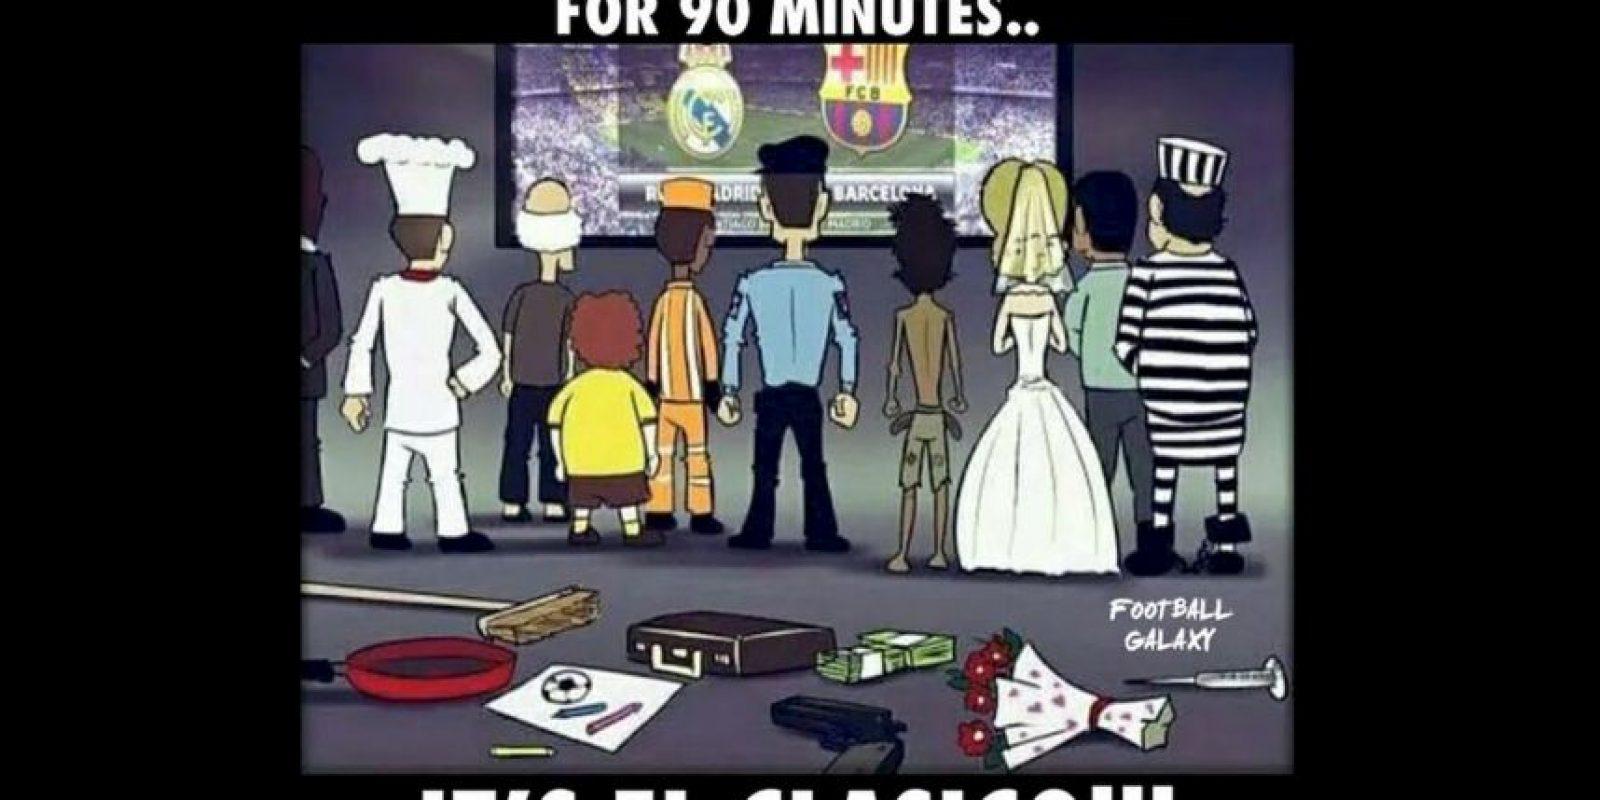 Hoy el mundo se detiene por 90 minutos: Es el Clásico. Foto:Vía twitter.com/TrollFootball